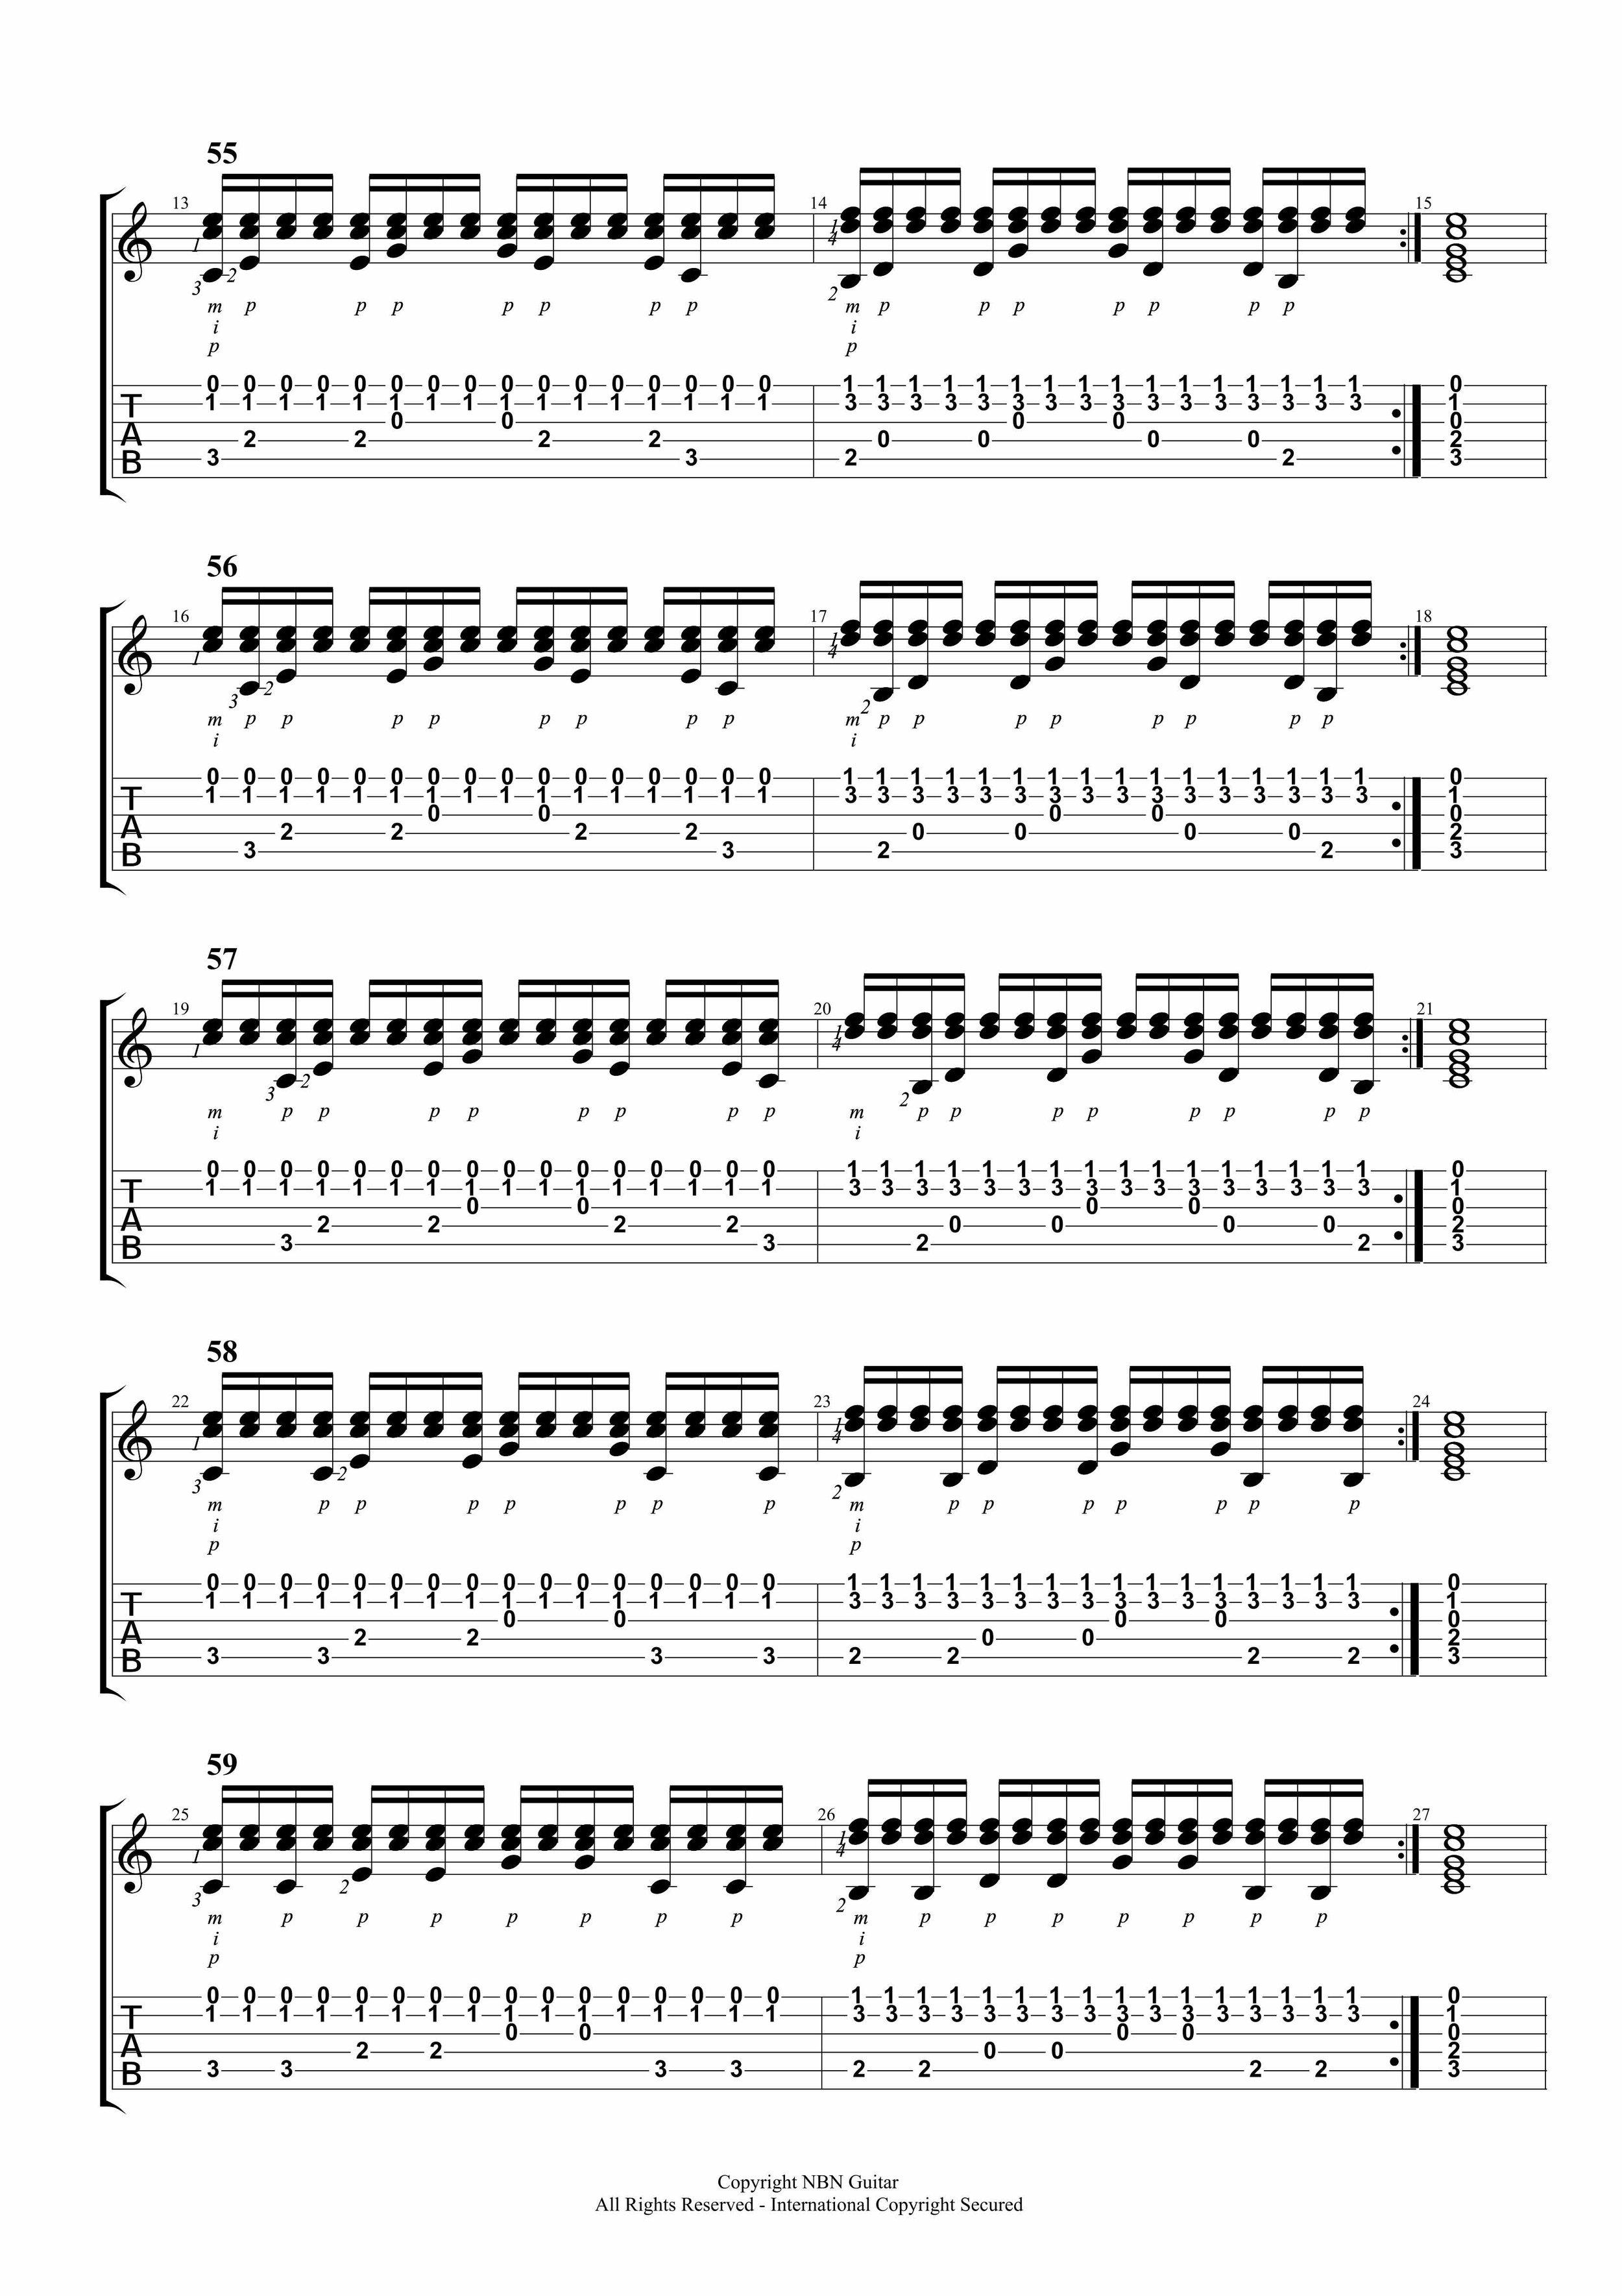 Giuliani Right-Hand Studies 51 to 60-p2.jpg